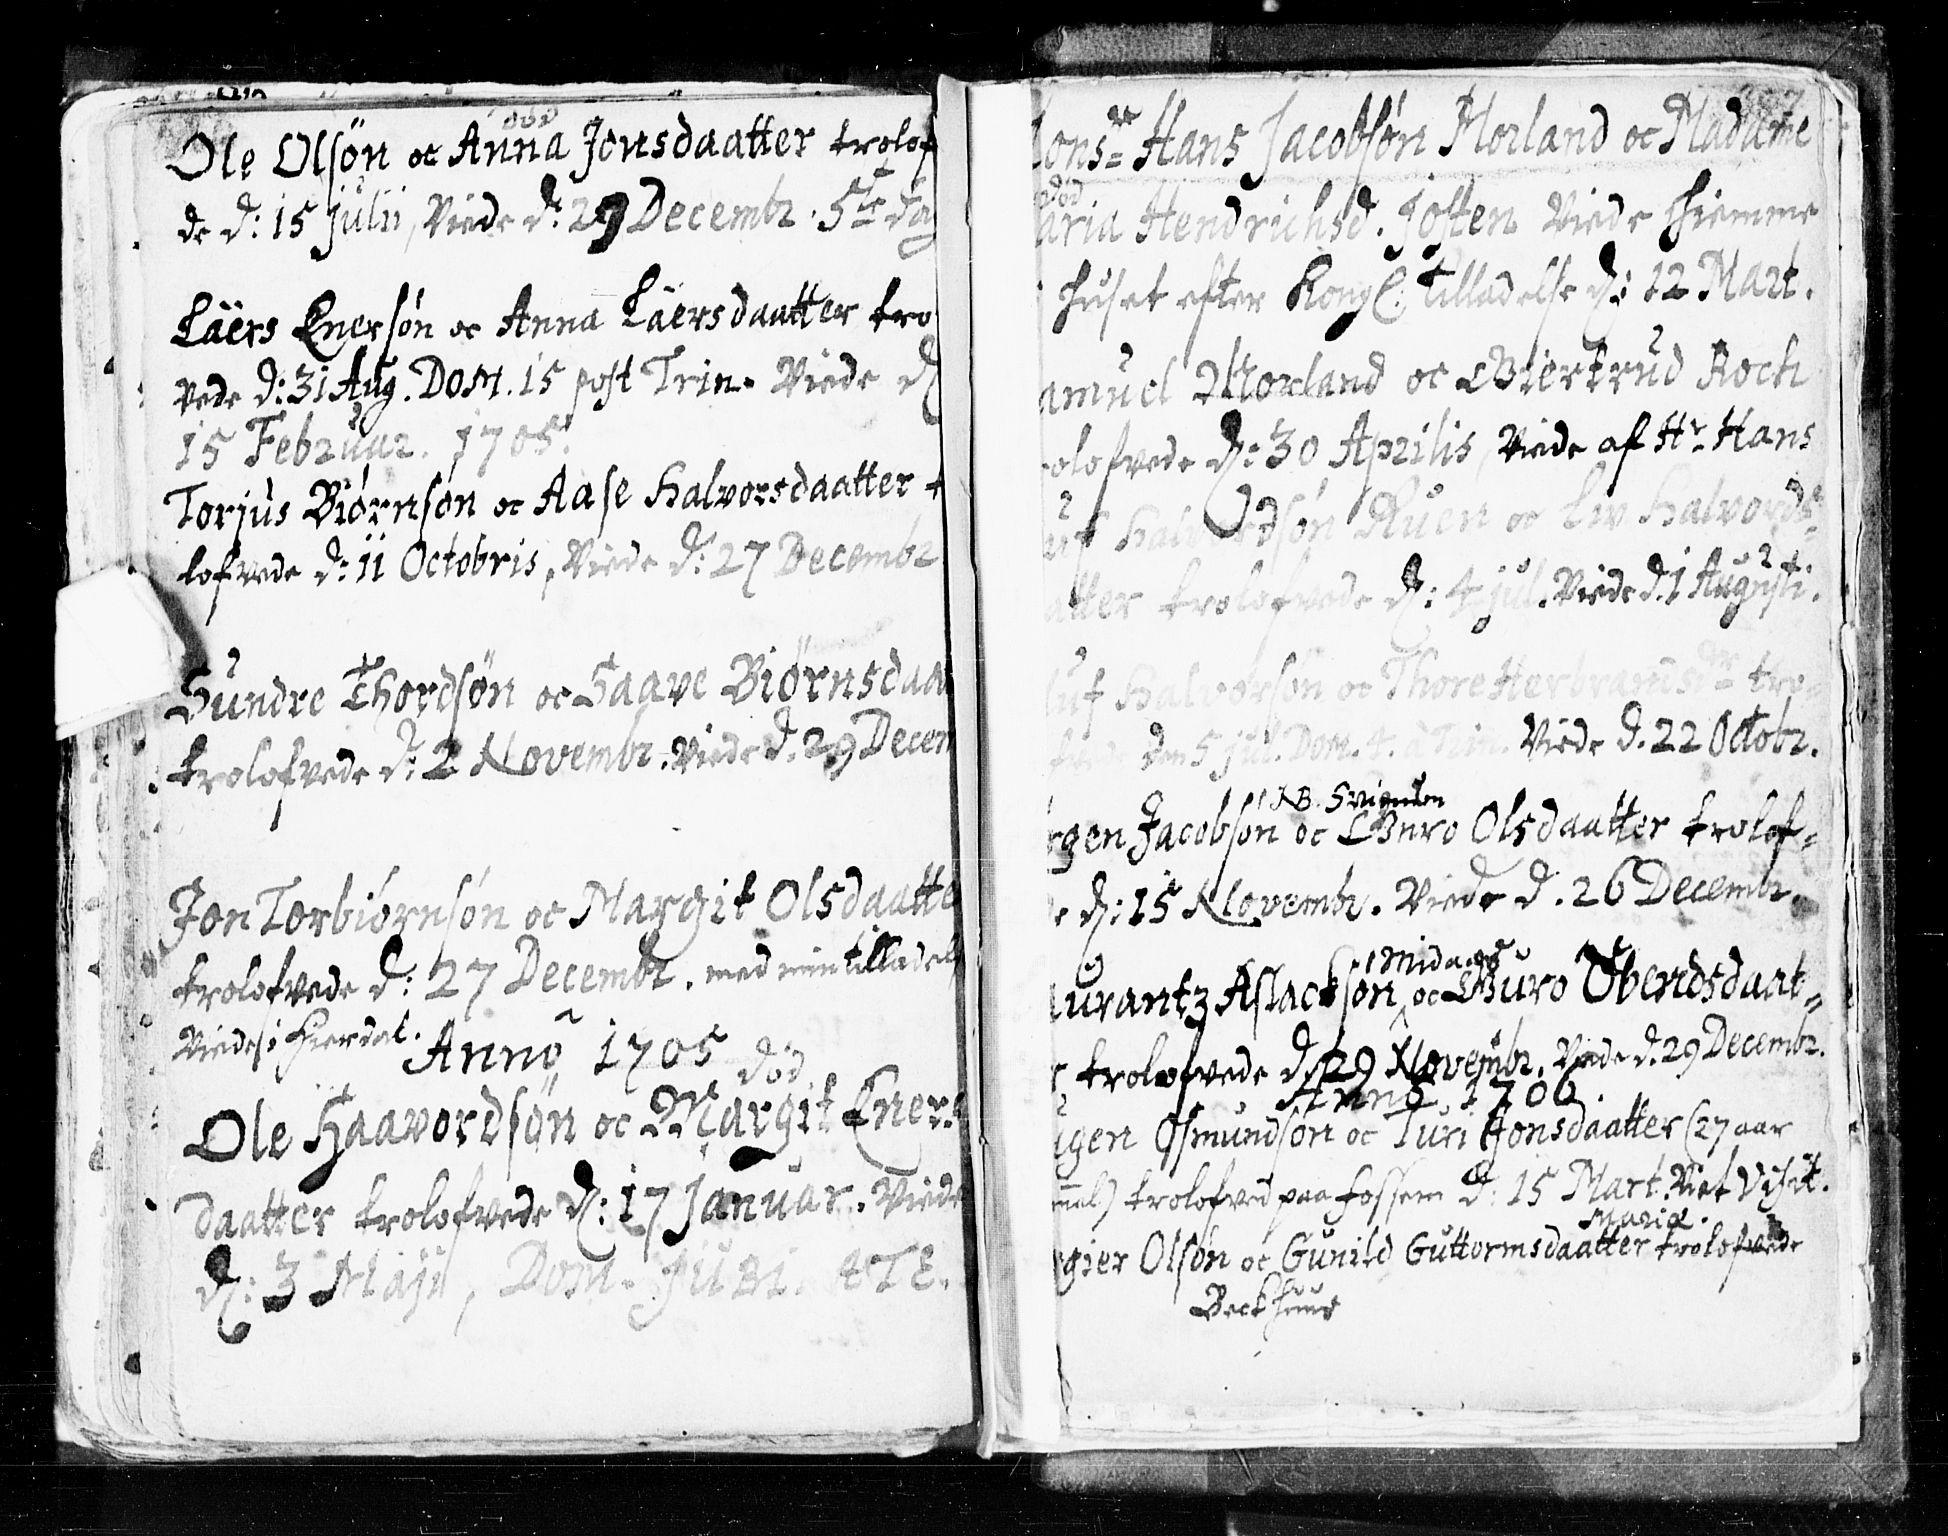 SAKO, Seljord kirkebøker, F/Fa/L0002: Ministerialbok nr. I 2, 1689-1713, s. 386-387